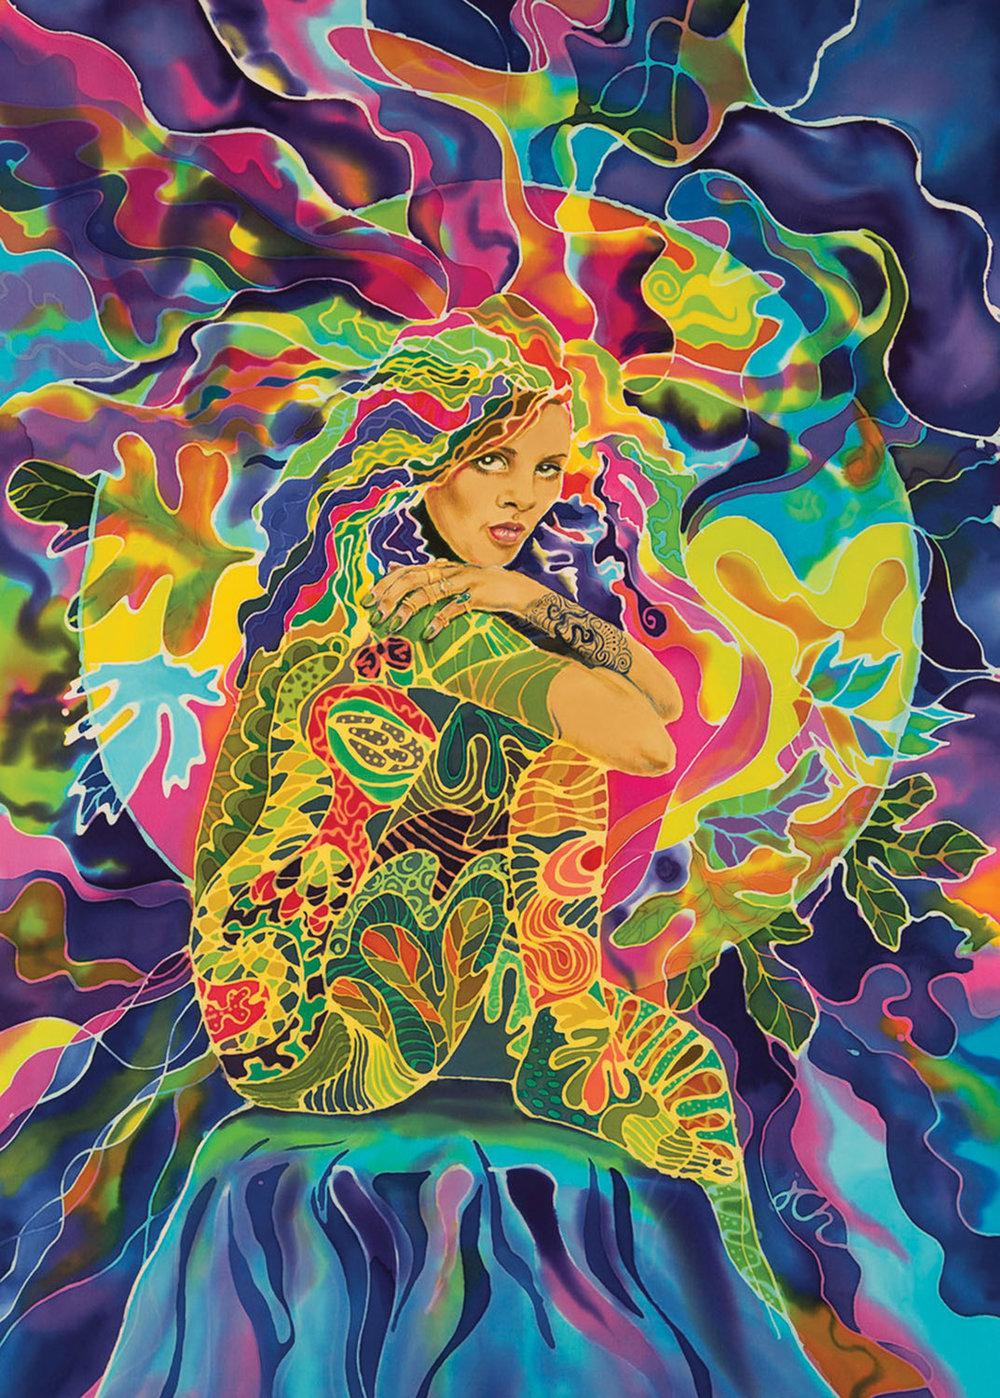 Artwork by Julie Cox-Hamm